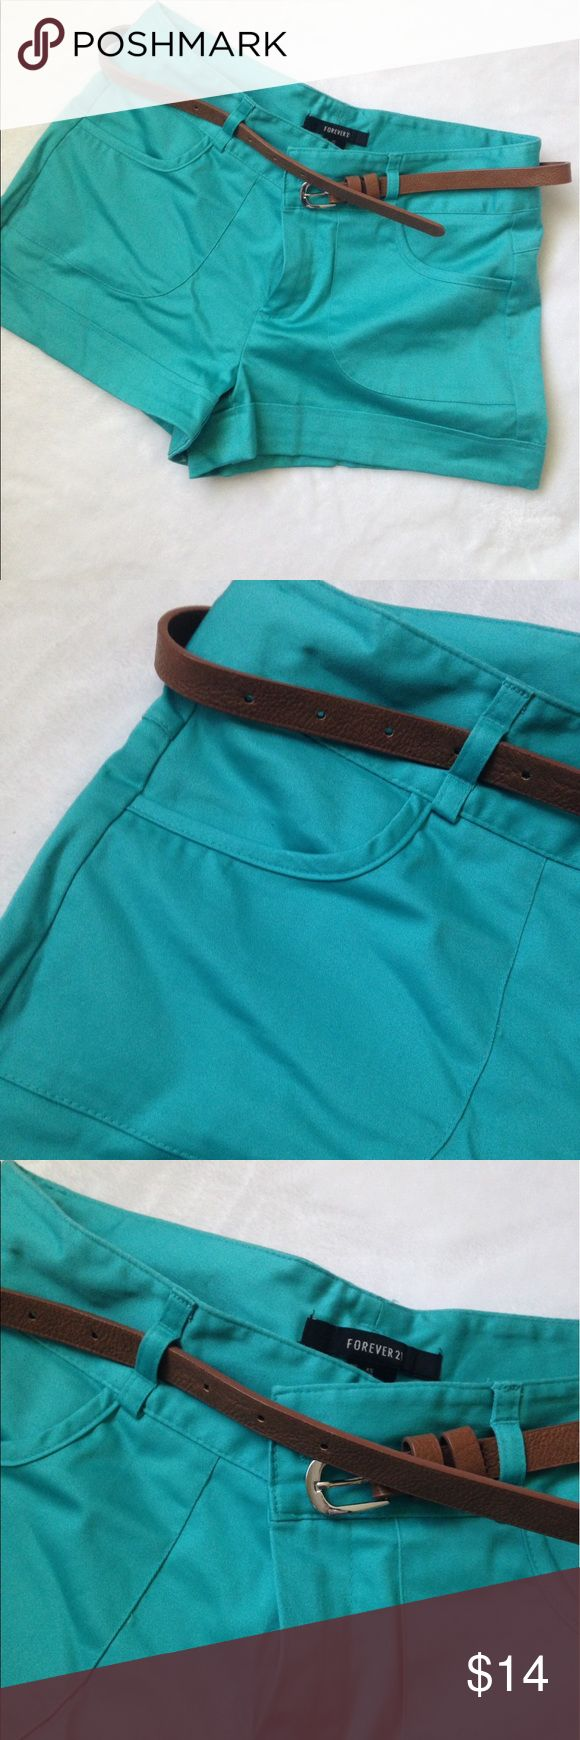 Teal shorts with belt Teal shorts with belt faux back pockets Forever 21 Shorts